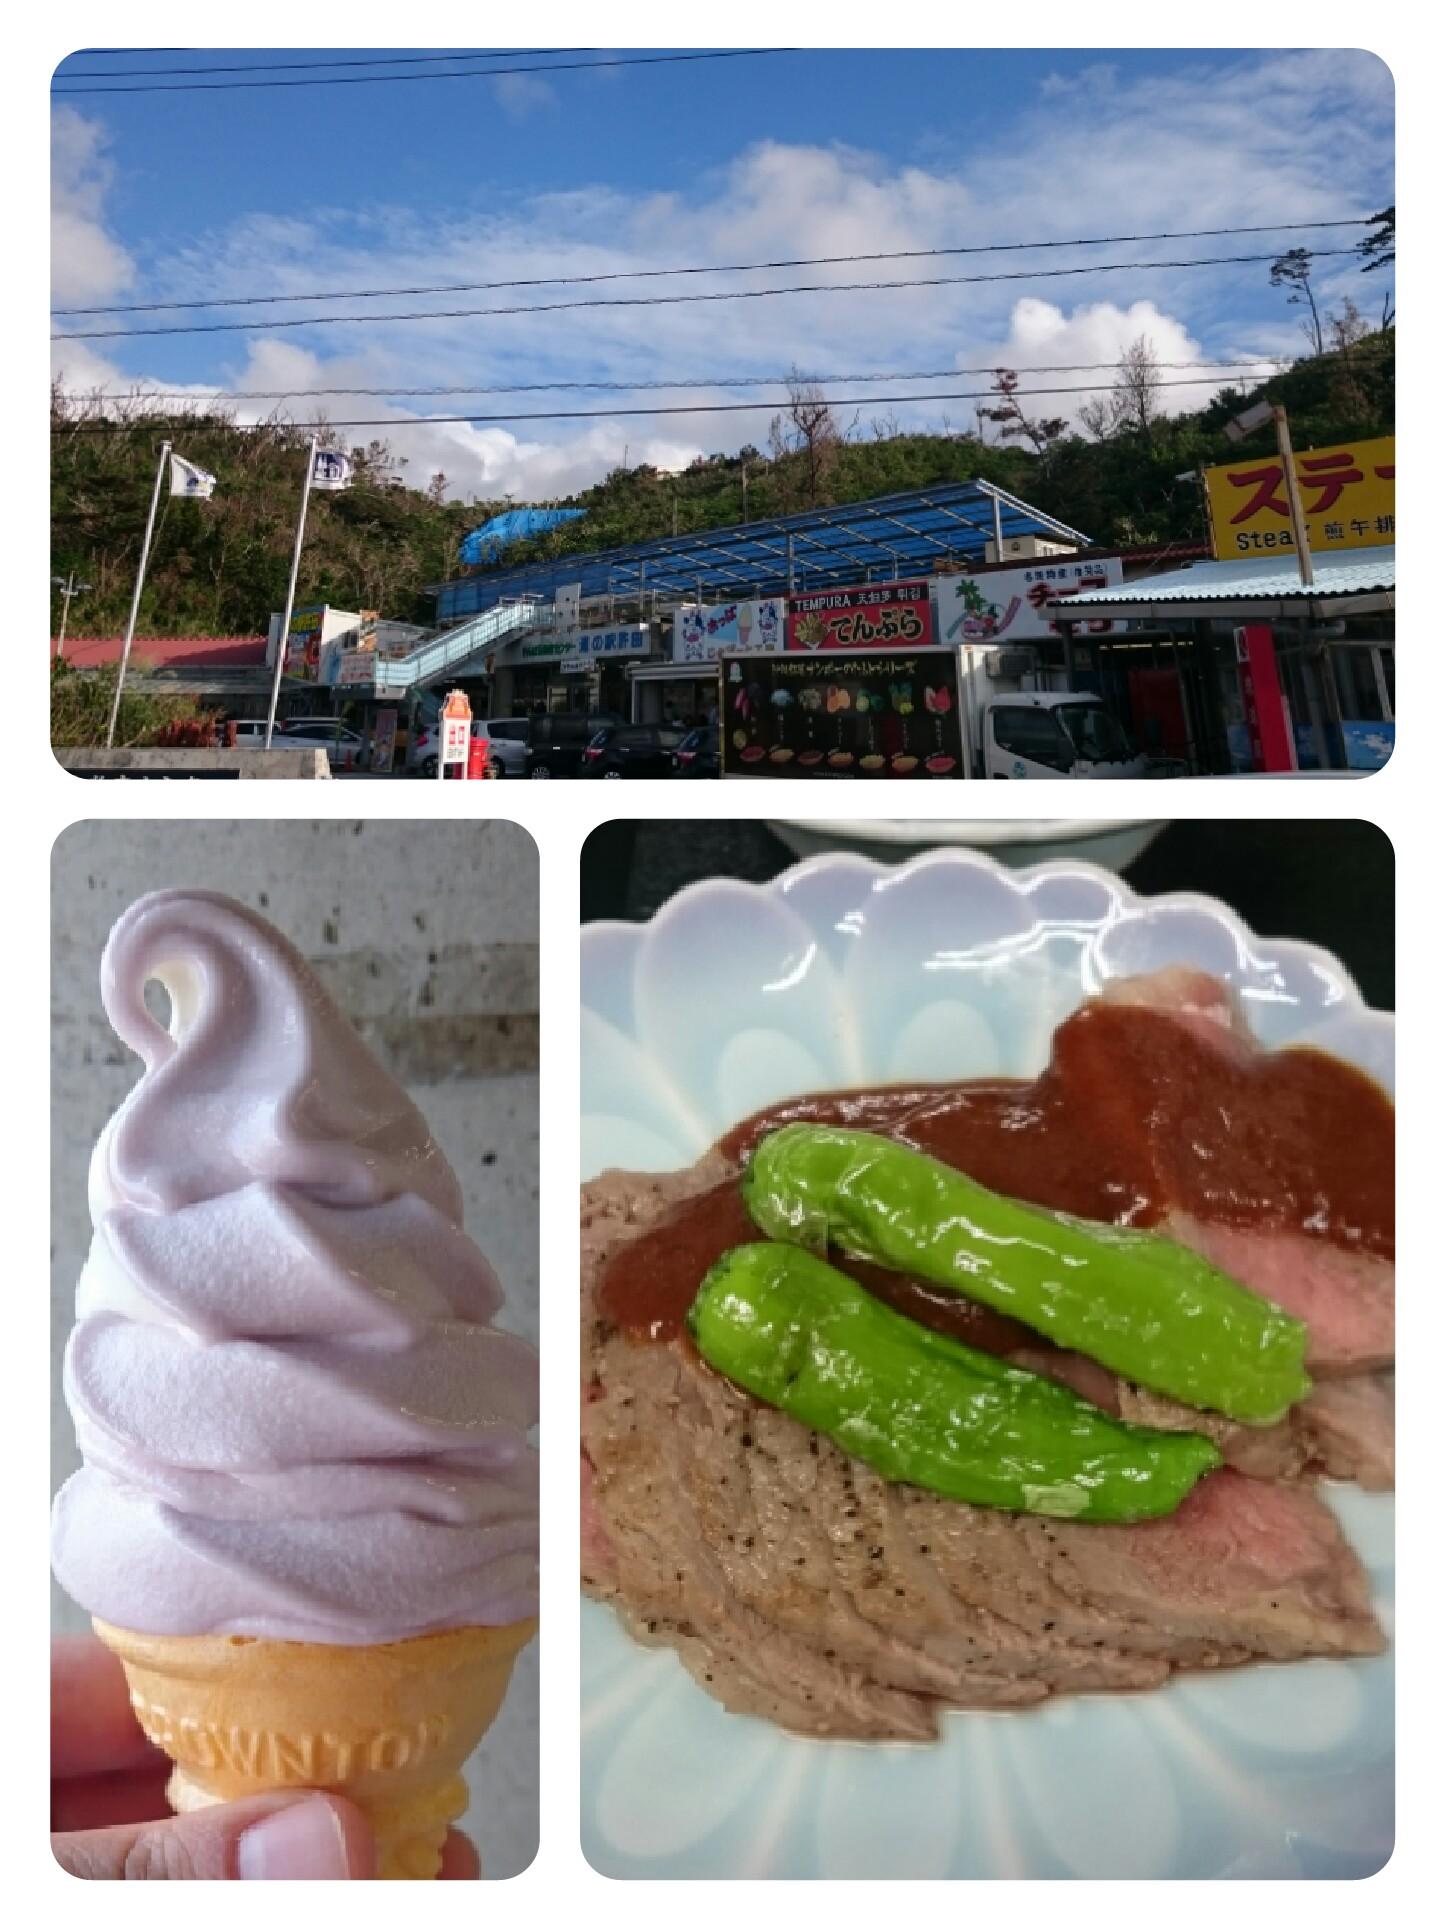 道の駅許田 ソフトクリーム サンパレス球陽館のお正月沖縄料理朝食